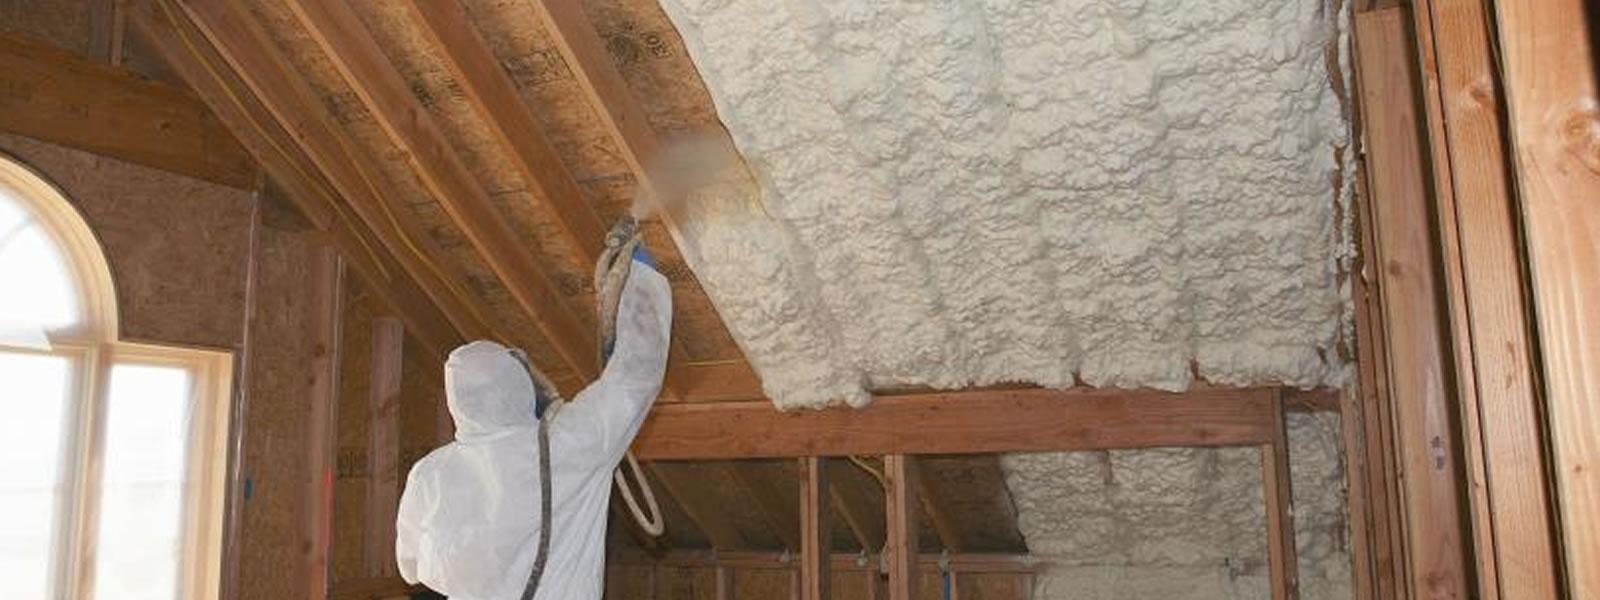 vitapur insulation home slider 3